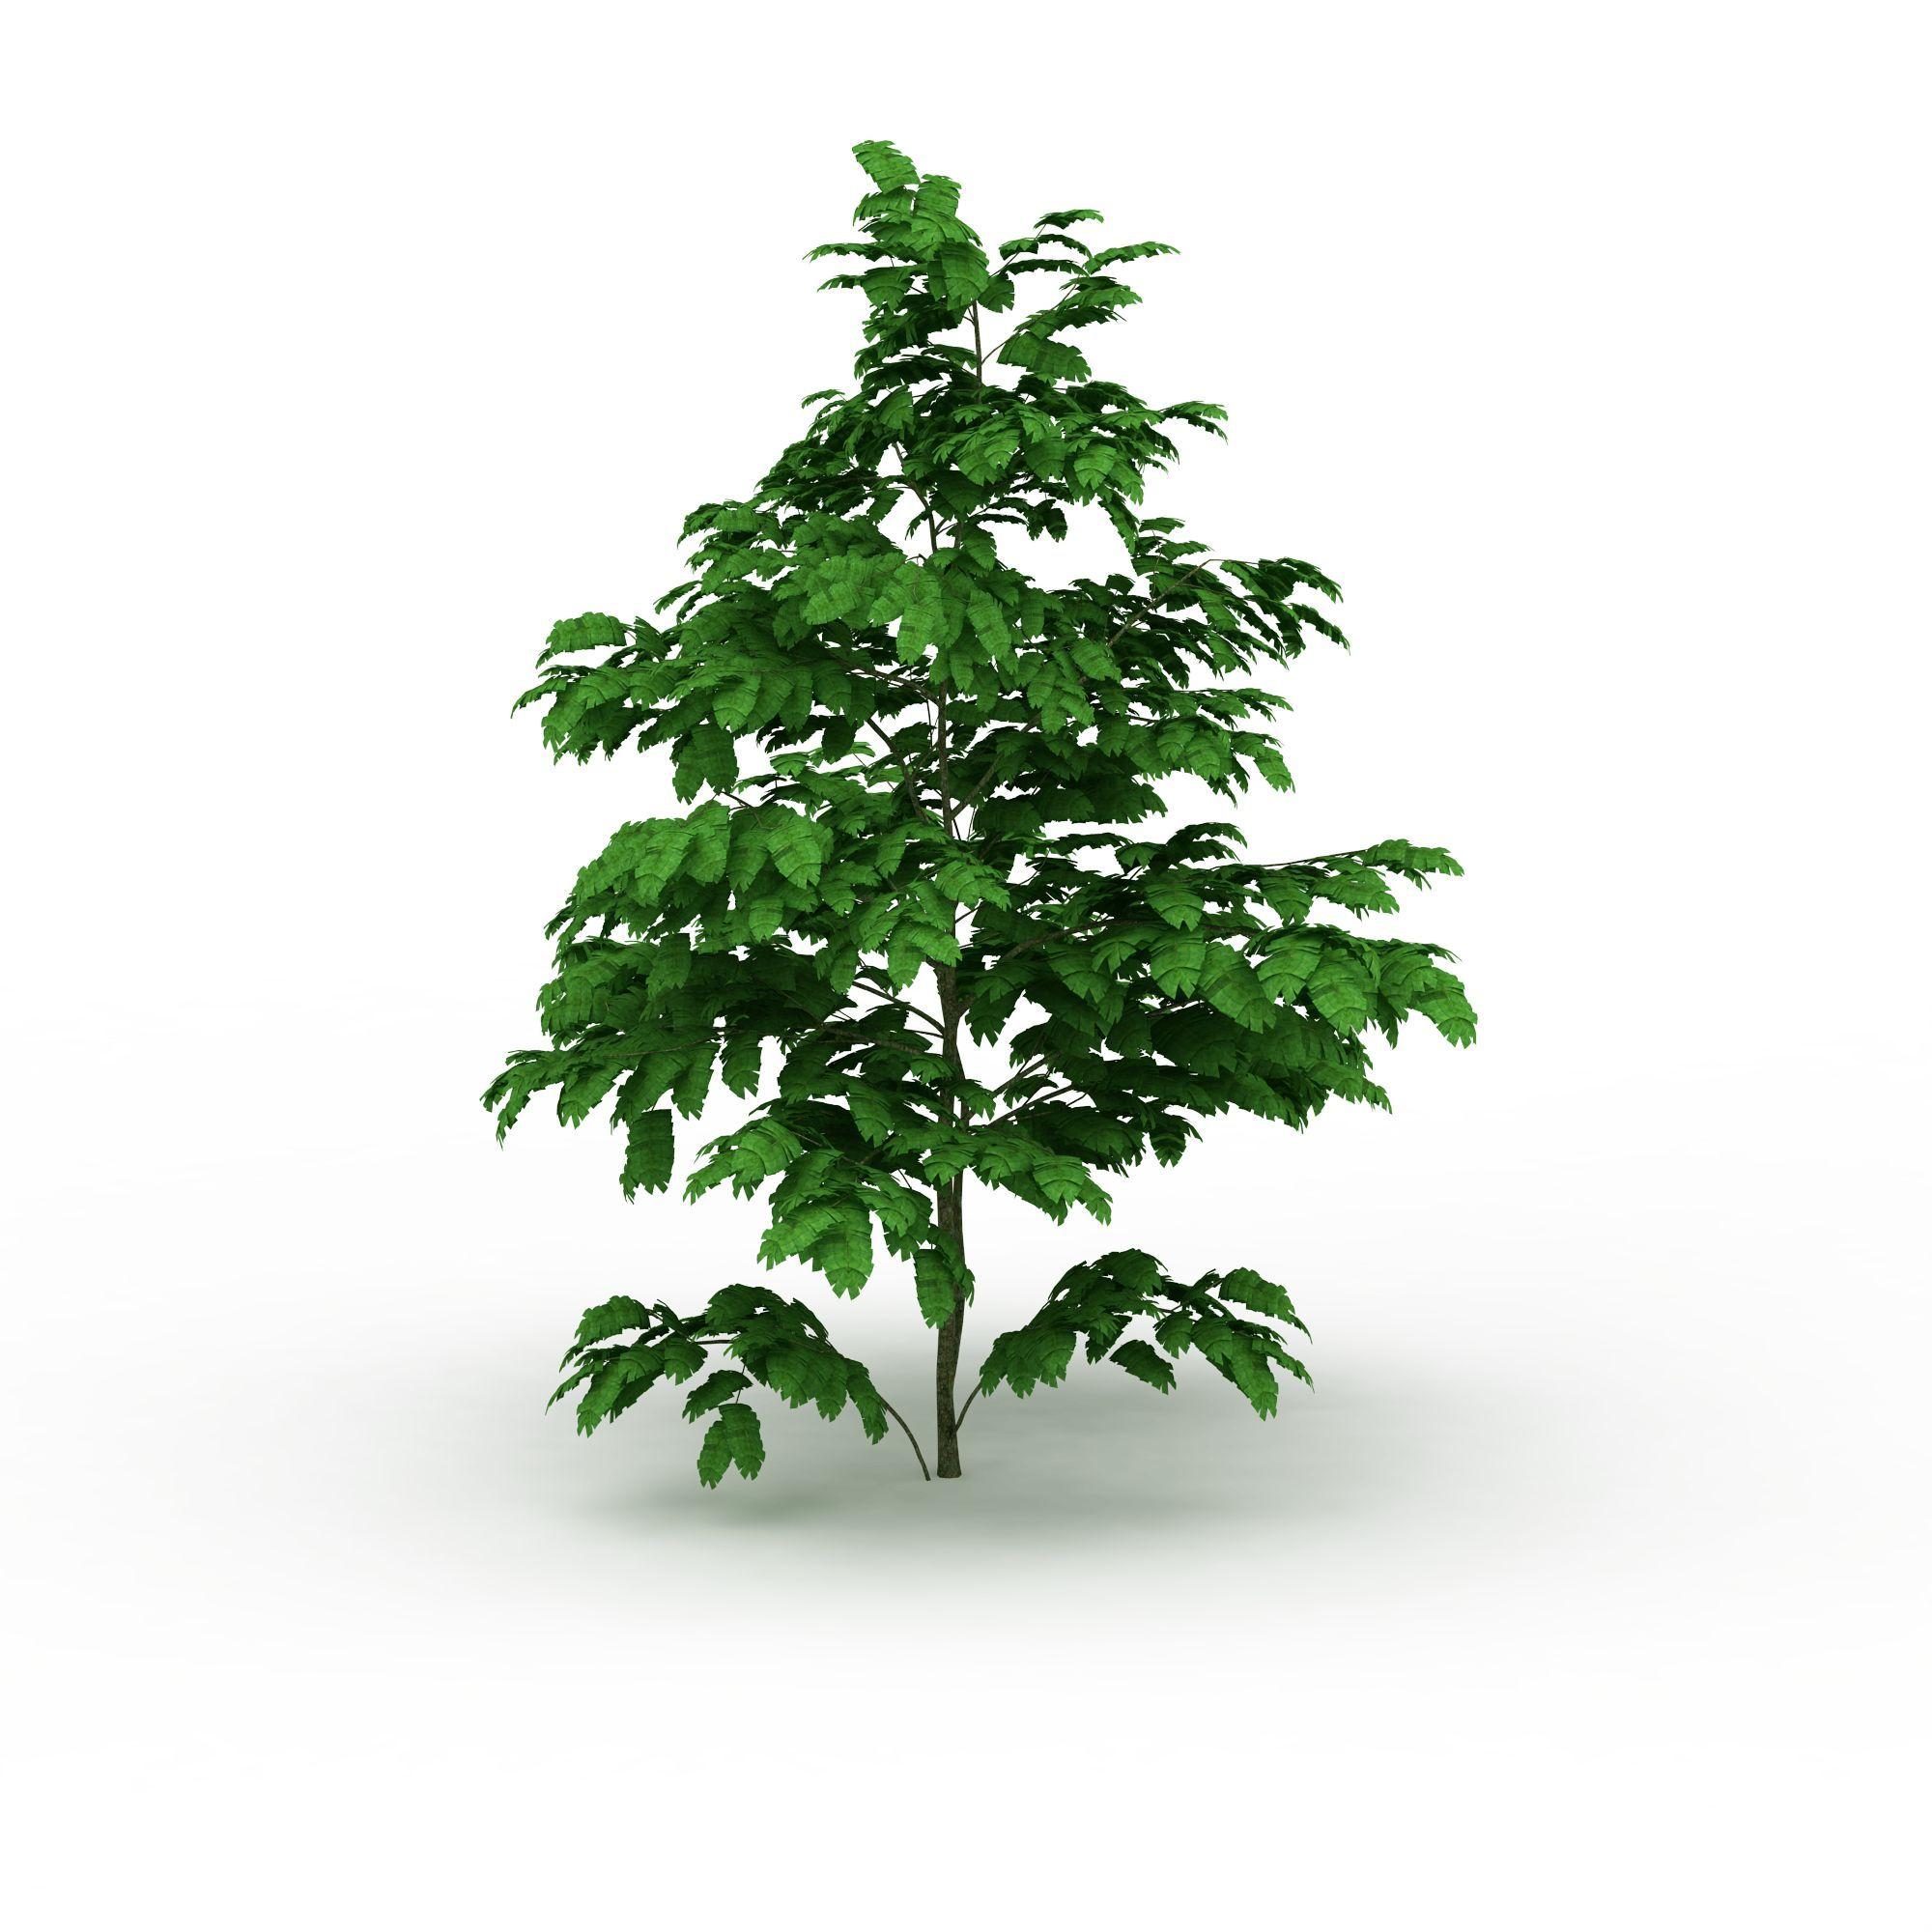 经典树木高清图详情 设计师 3d学院 模型名称 经典树木3d模型 学院id